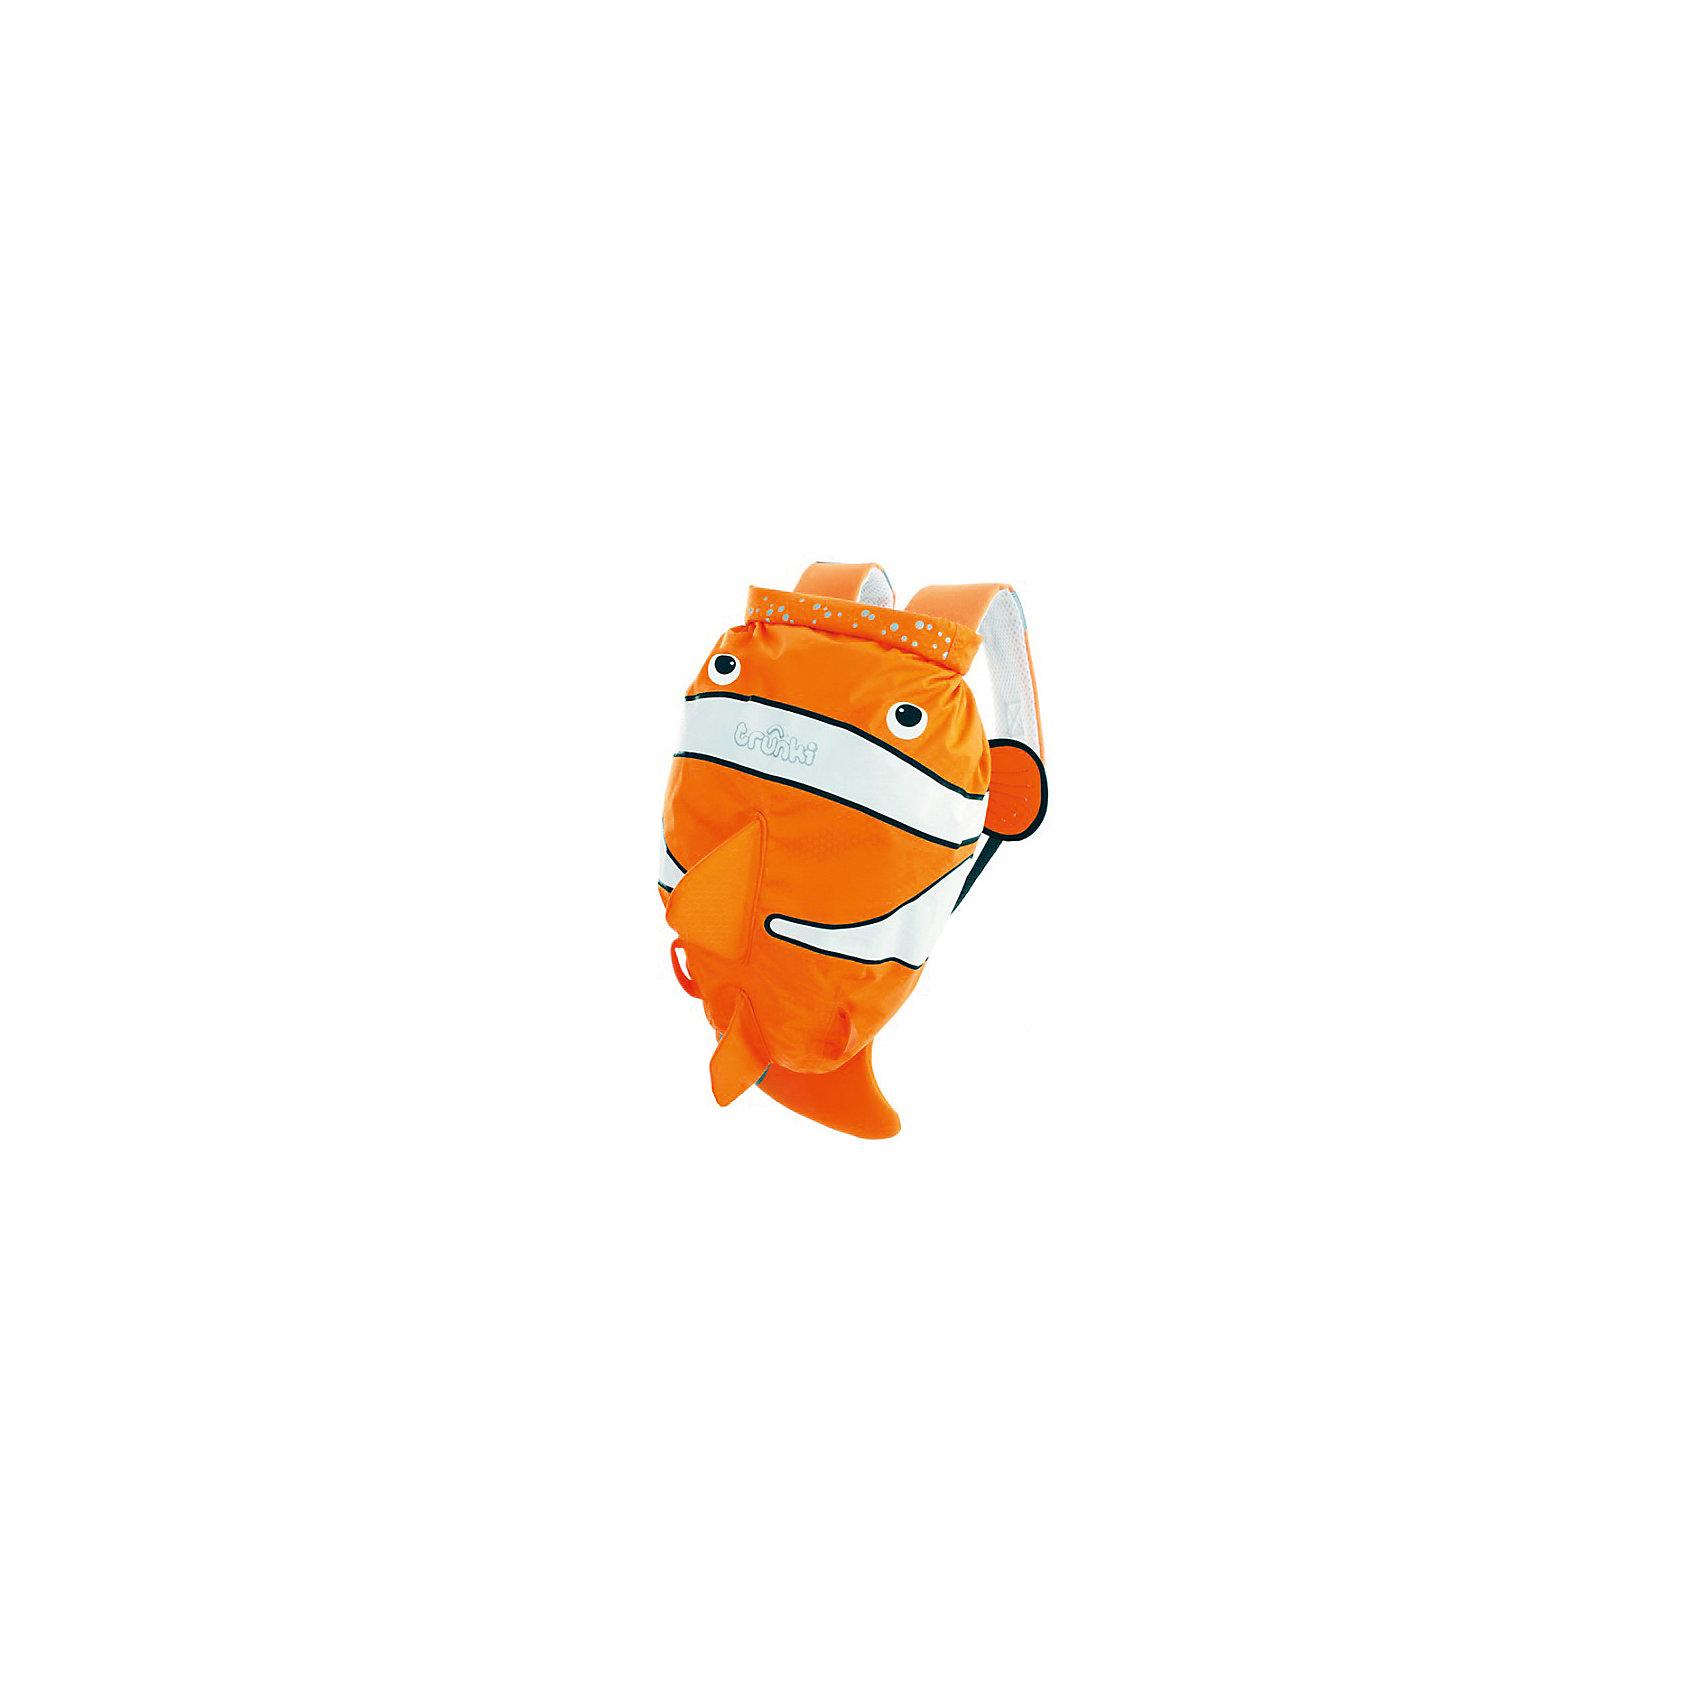 Рюкзак для бассейна и пляжа Рыба-КлоунКупальники и плавки<br>Водоотталкивающий рюкзак Trunki Транки в виде ярко-оранжевой рыбки-клоуна для маленьких исследователей. Рюкзак сделан из легкого и прочного материала, он прекрасно защищен от влаги и грязи. <br><br>Рюкзак для бассейна и пляжа оснащен специальным креплением Trunki, с помощью него можно крепить к сумке солнцезащитные очки. Рюкзак имеет светоотражающую отделку, а также карман в виде плавника, куда можно положить различные мелочи.  <br>  <br>Рюкзак Trunki – незаменимый аксессуар для мальчиков и девочек для походов в бассейн или на пляж. <br><br>Дополнительная информация:<br><br>Размер рюкзака: 49,5 х 41 см<br><br>Рюкзак для бассейна и пляжа Рыба-Клоун можно купить в нашем магазине.<br><br>Ширина мм: 490<br>Глубина мм: 410<br>Высота мм: 200<br>Вес г: 250<br>Возраст от месяцев: 36<br>Возраст до месяцев: 84<br>Пол: Унисекс<br>Возраст: Детский<br>SKU: 4090982